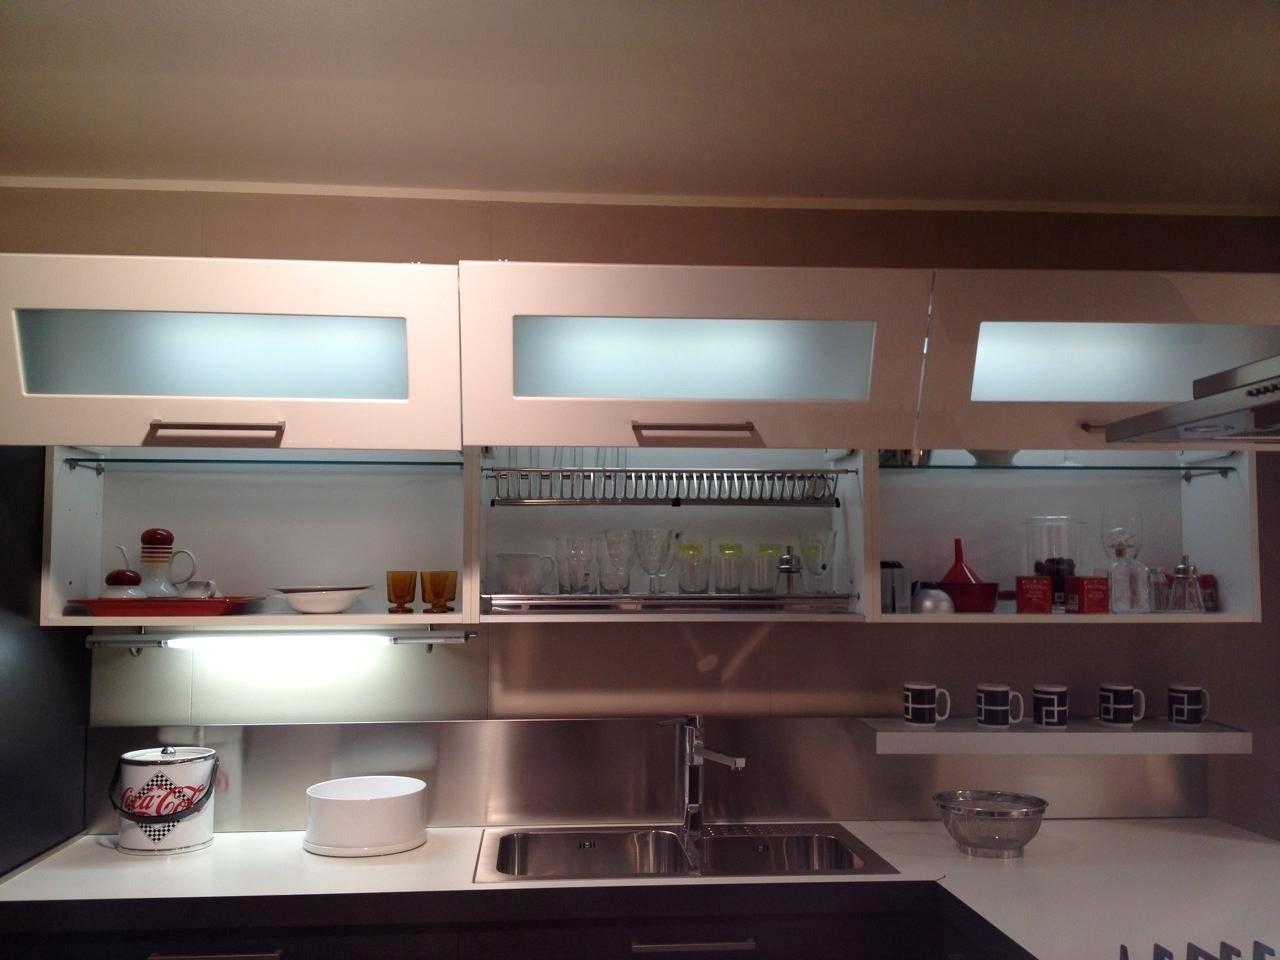 Programma per cucine fabulous disegnare cucina d photos home ideas tyger us with programma per - Disegnare cucine gratis ...